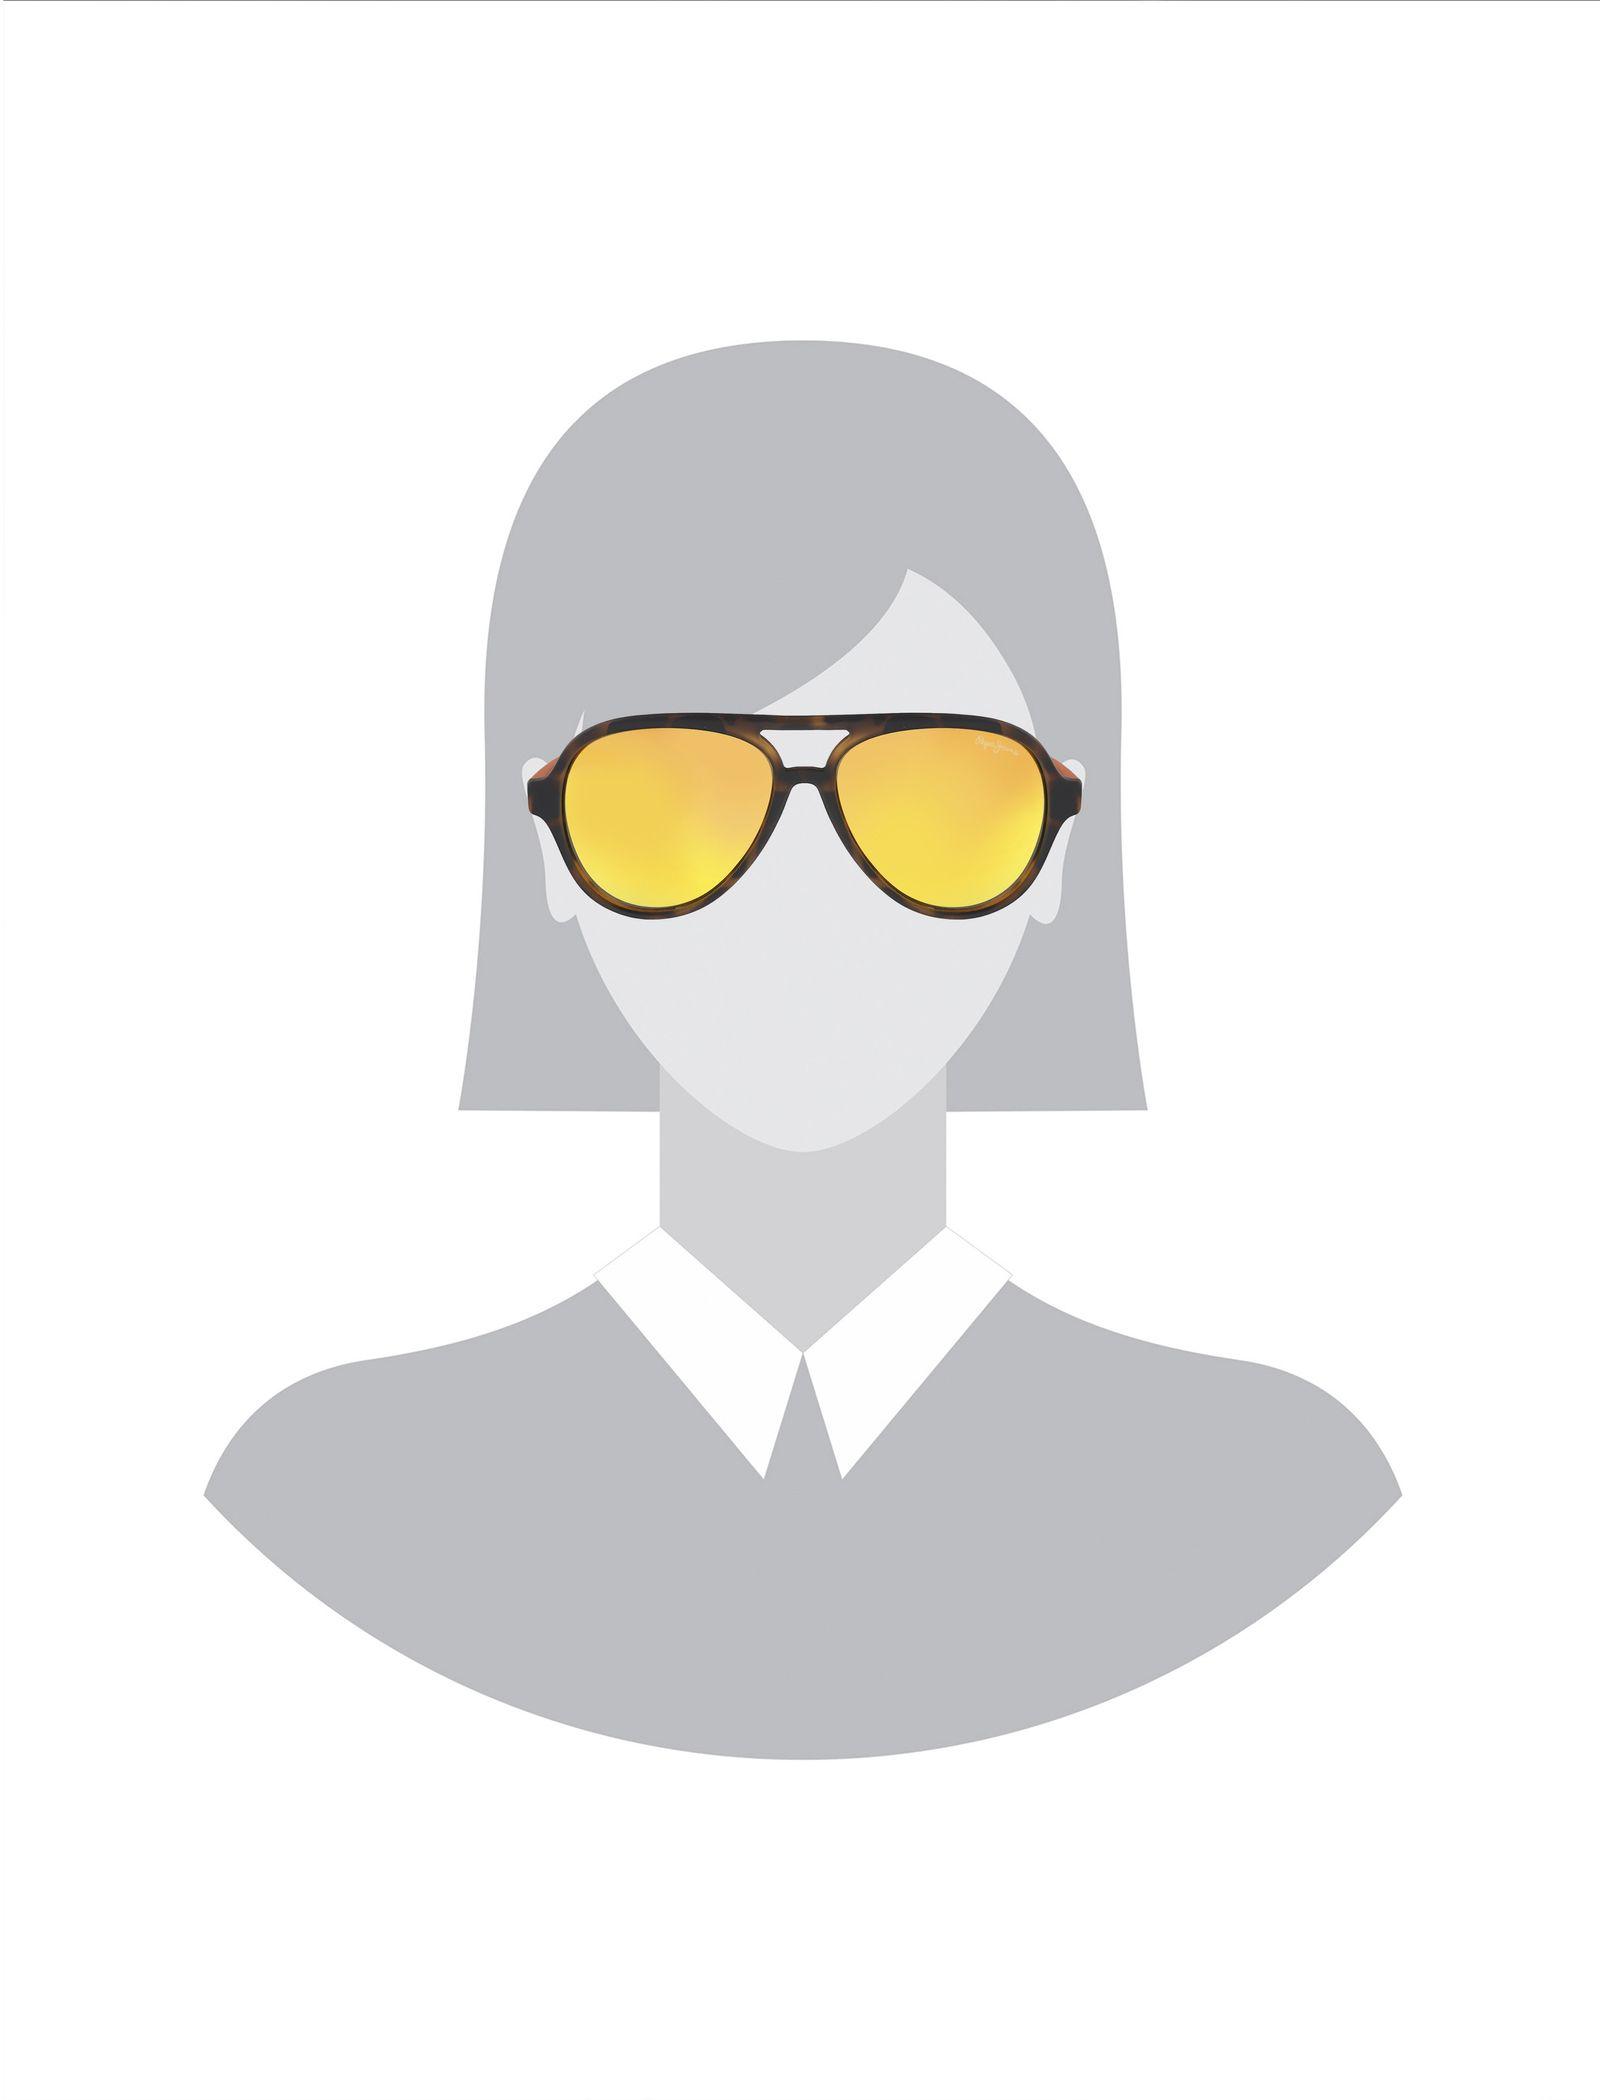 عینک آفتابی خلبانی بچگانه - پپه جینز - قهوه اي و نارنجي - 5